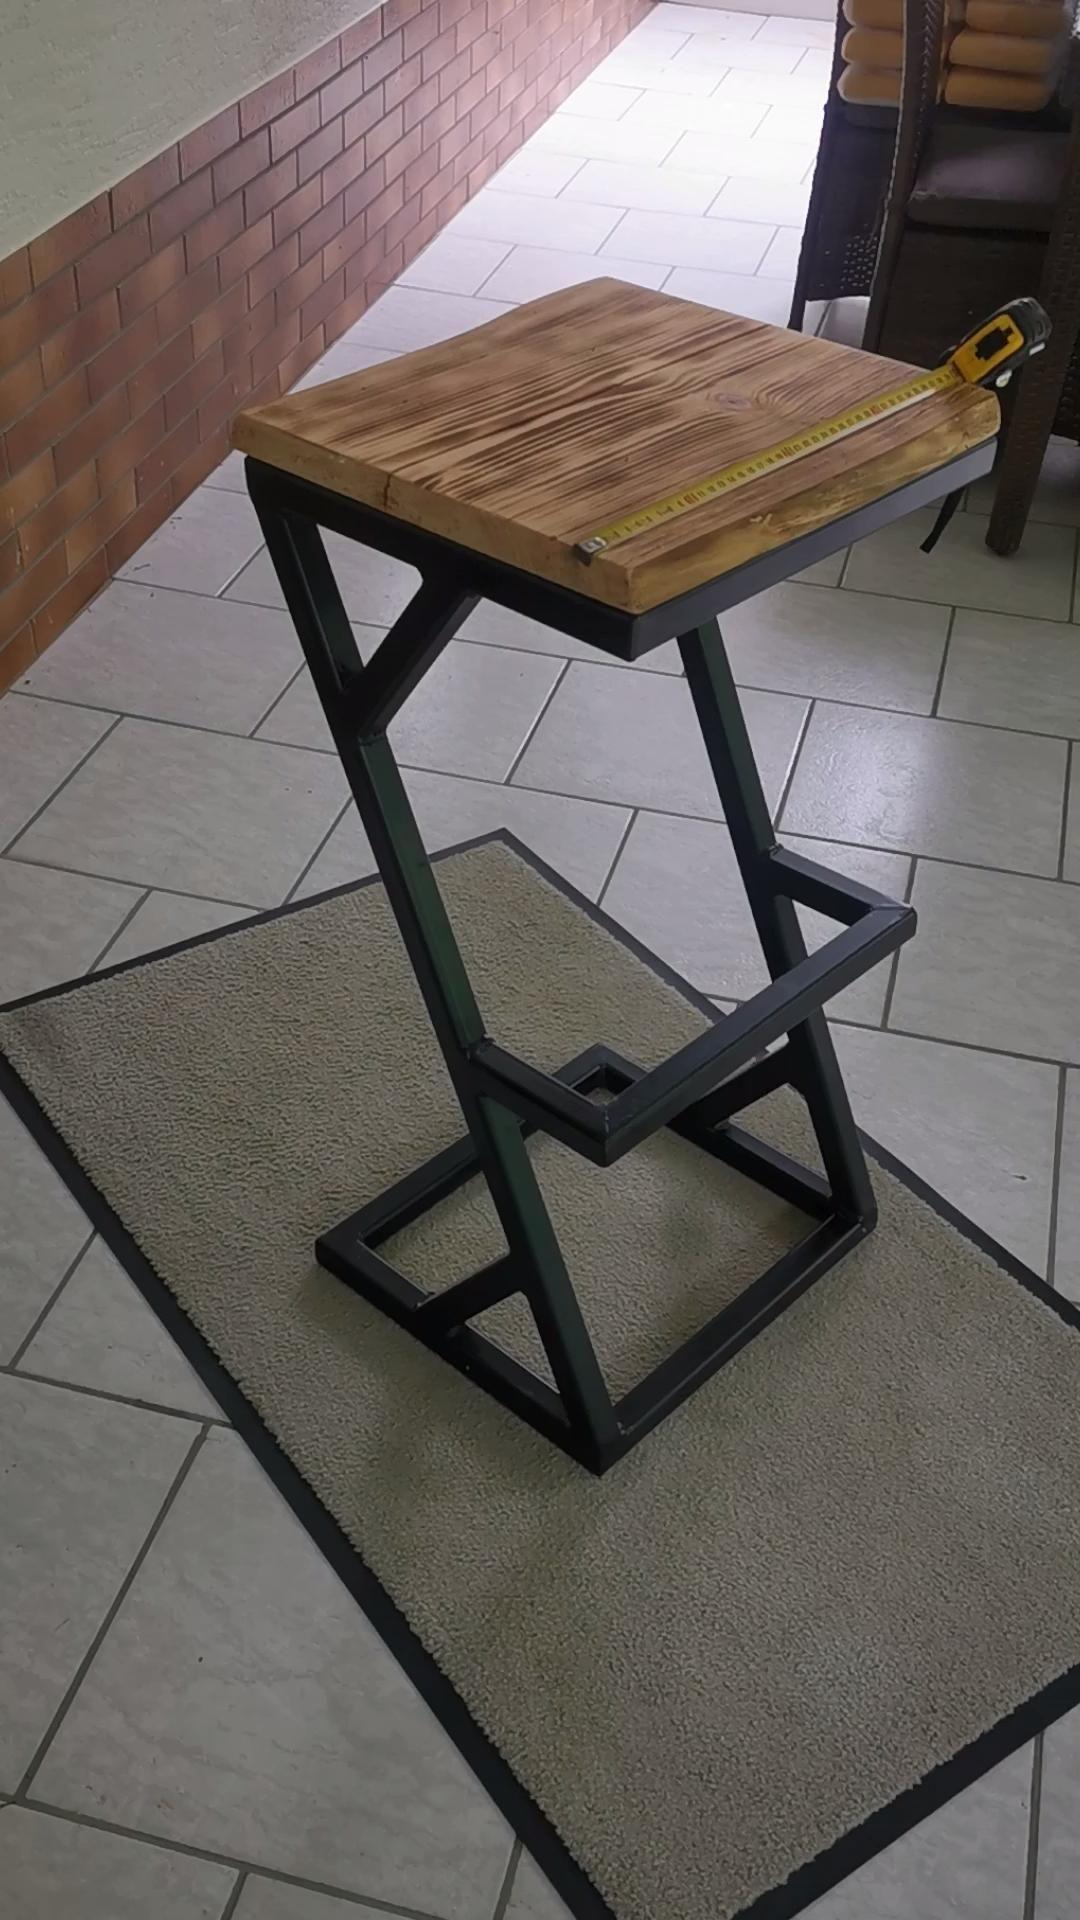 Z-Stuhl aus Eichenholz und Stahl Industrial Design